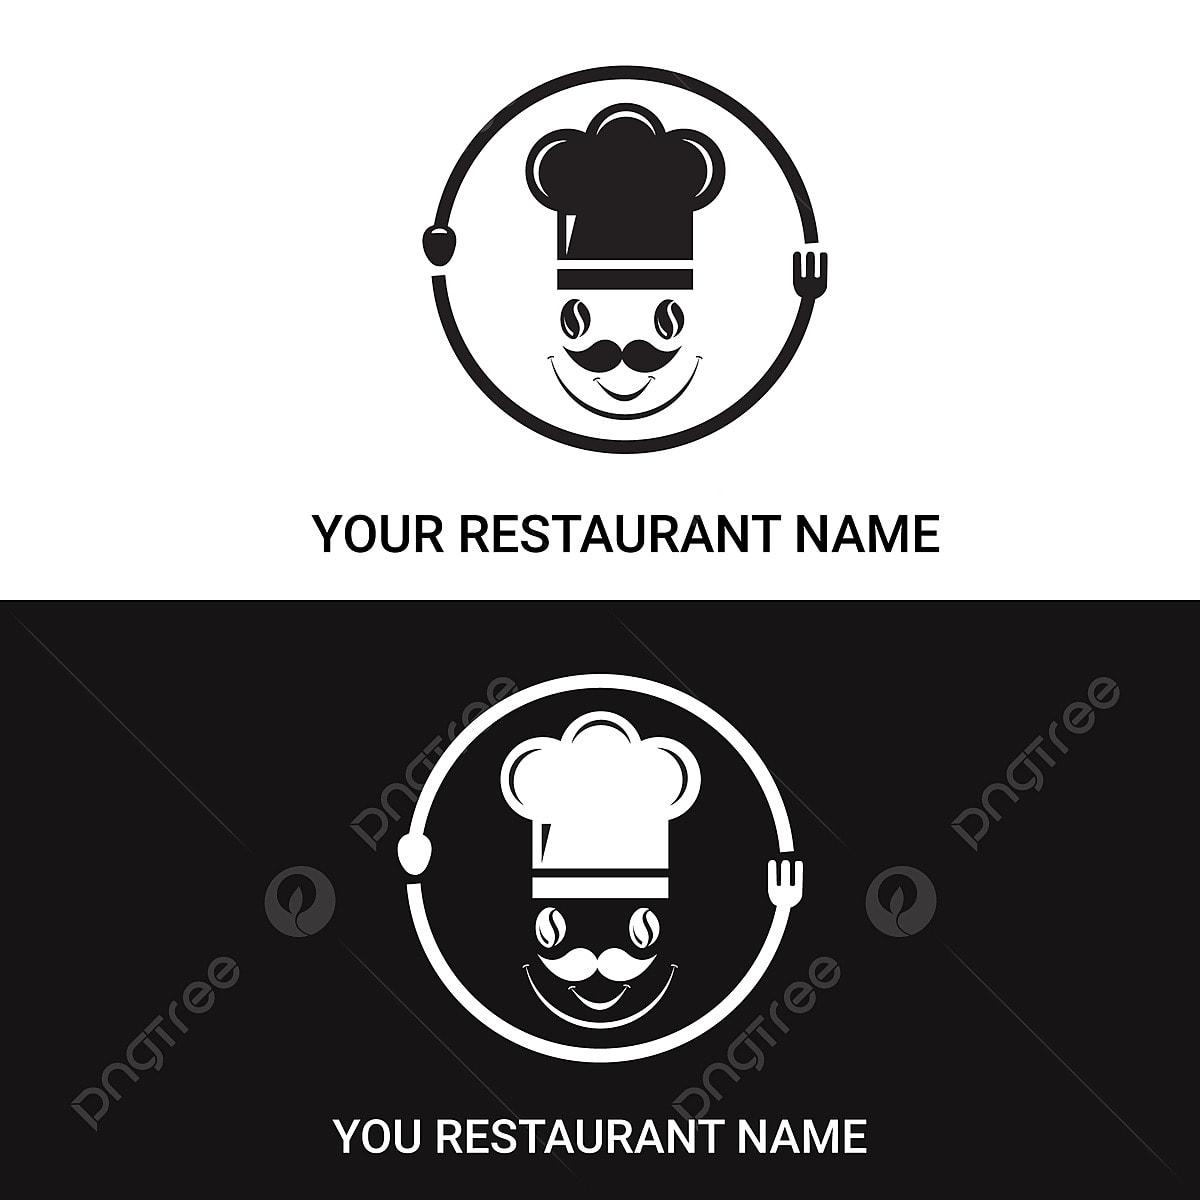 Cafe Restaurant Logo Design Template Download On Pngtree